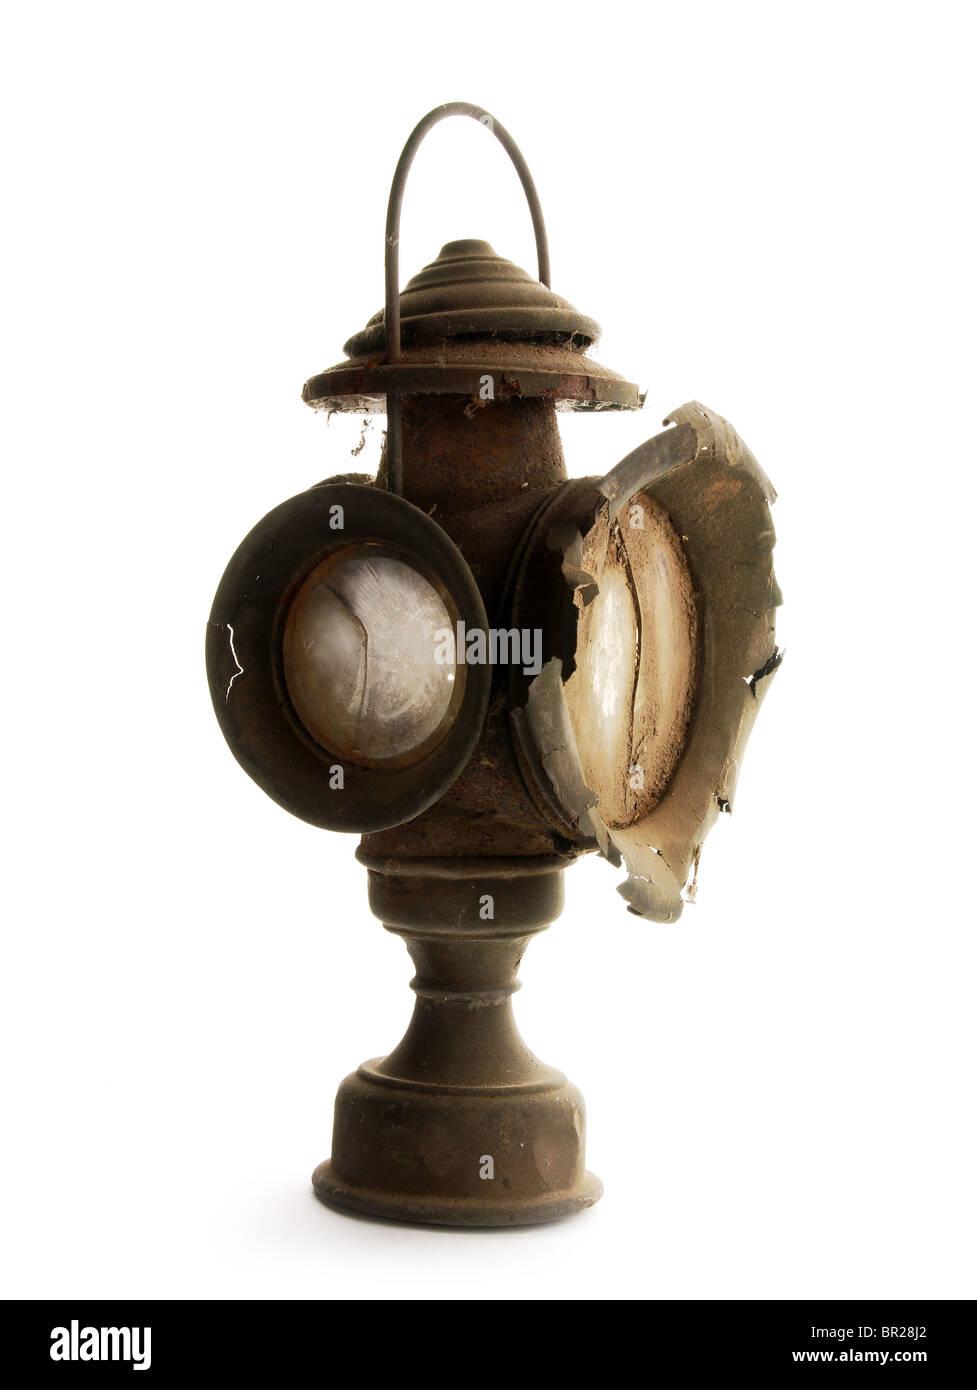 Vintage lantern - Stock Image